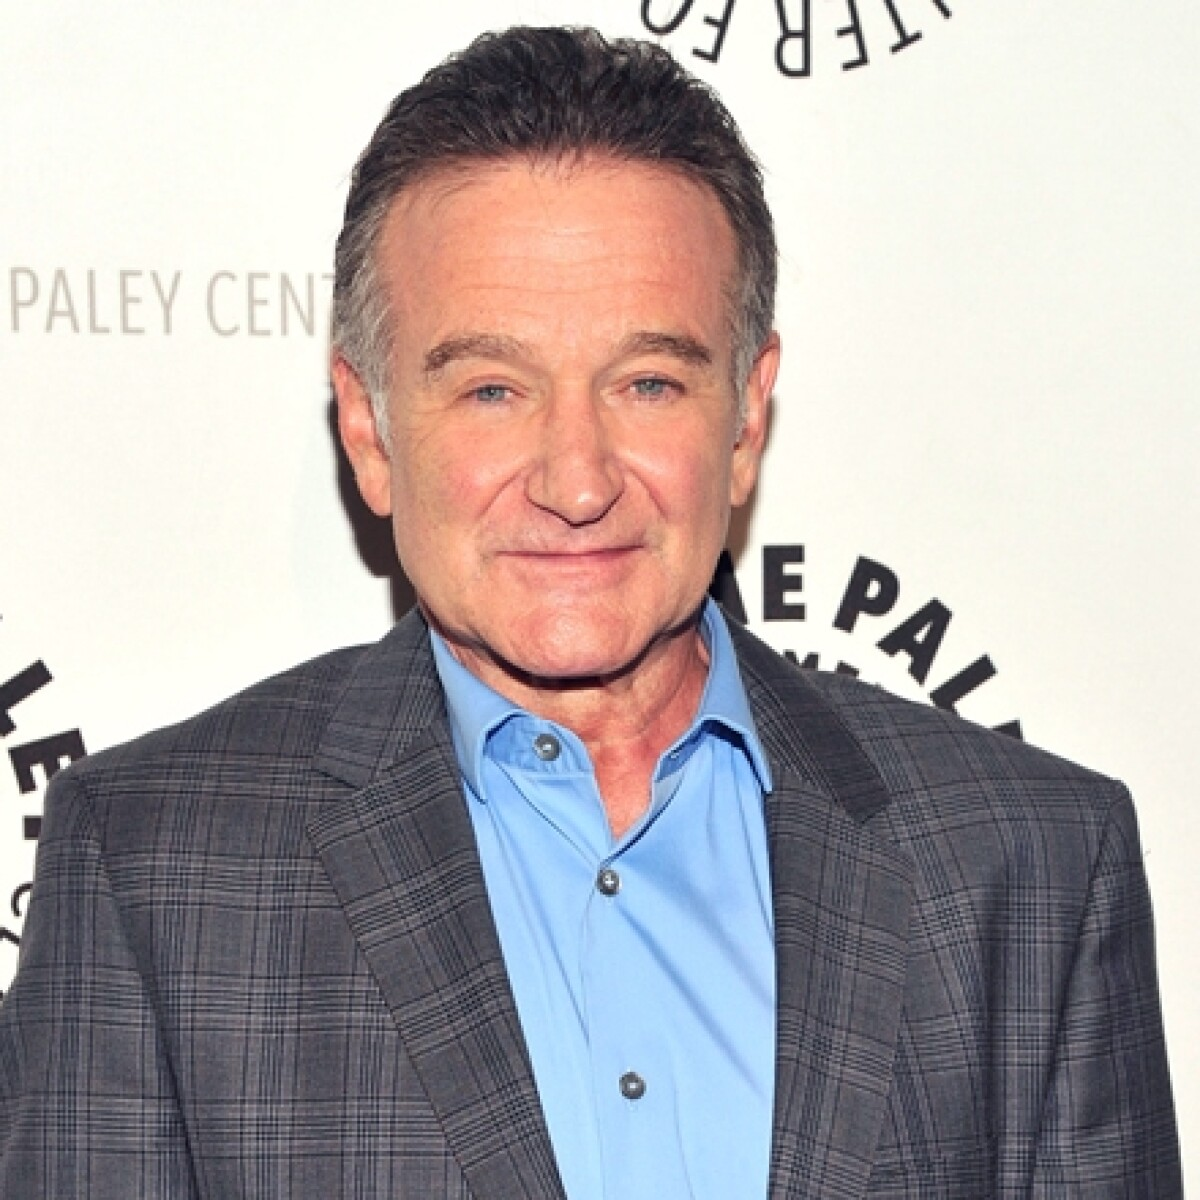 Las notas de suicidio de Robin Williams salen a la luz